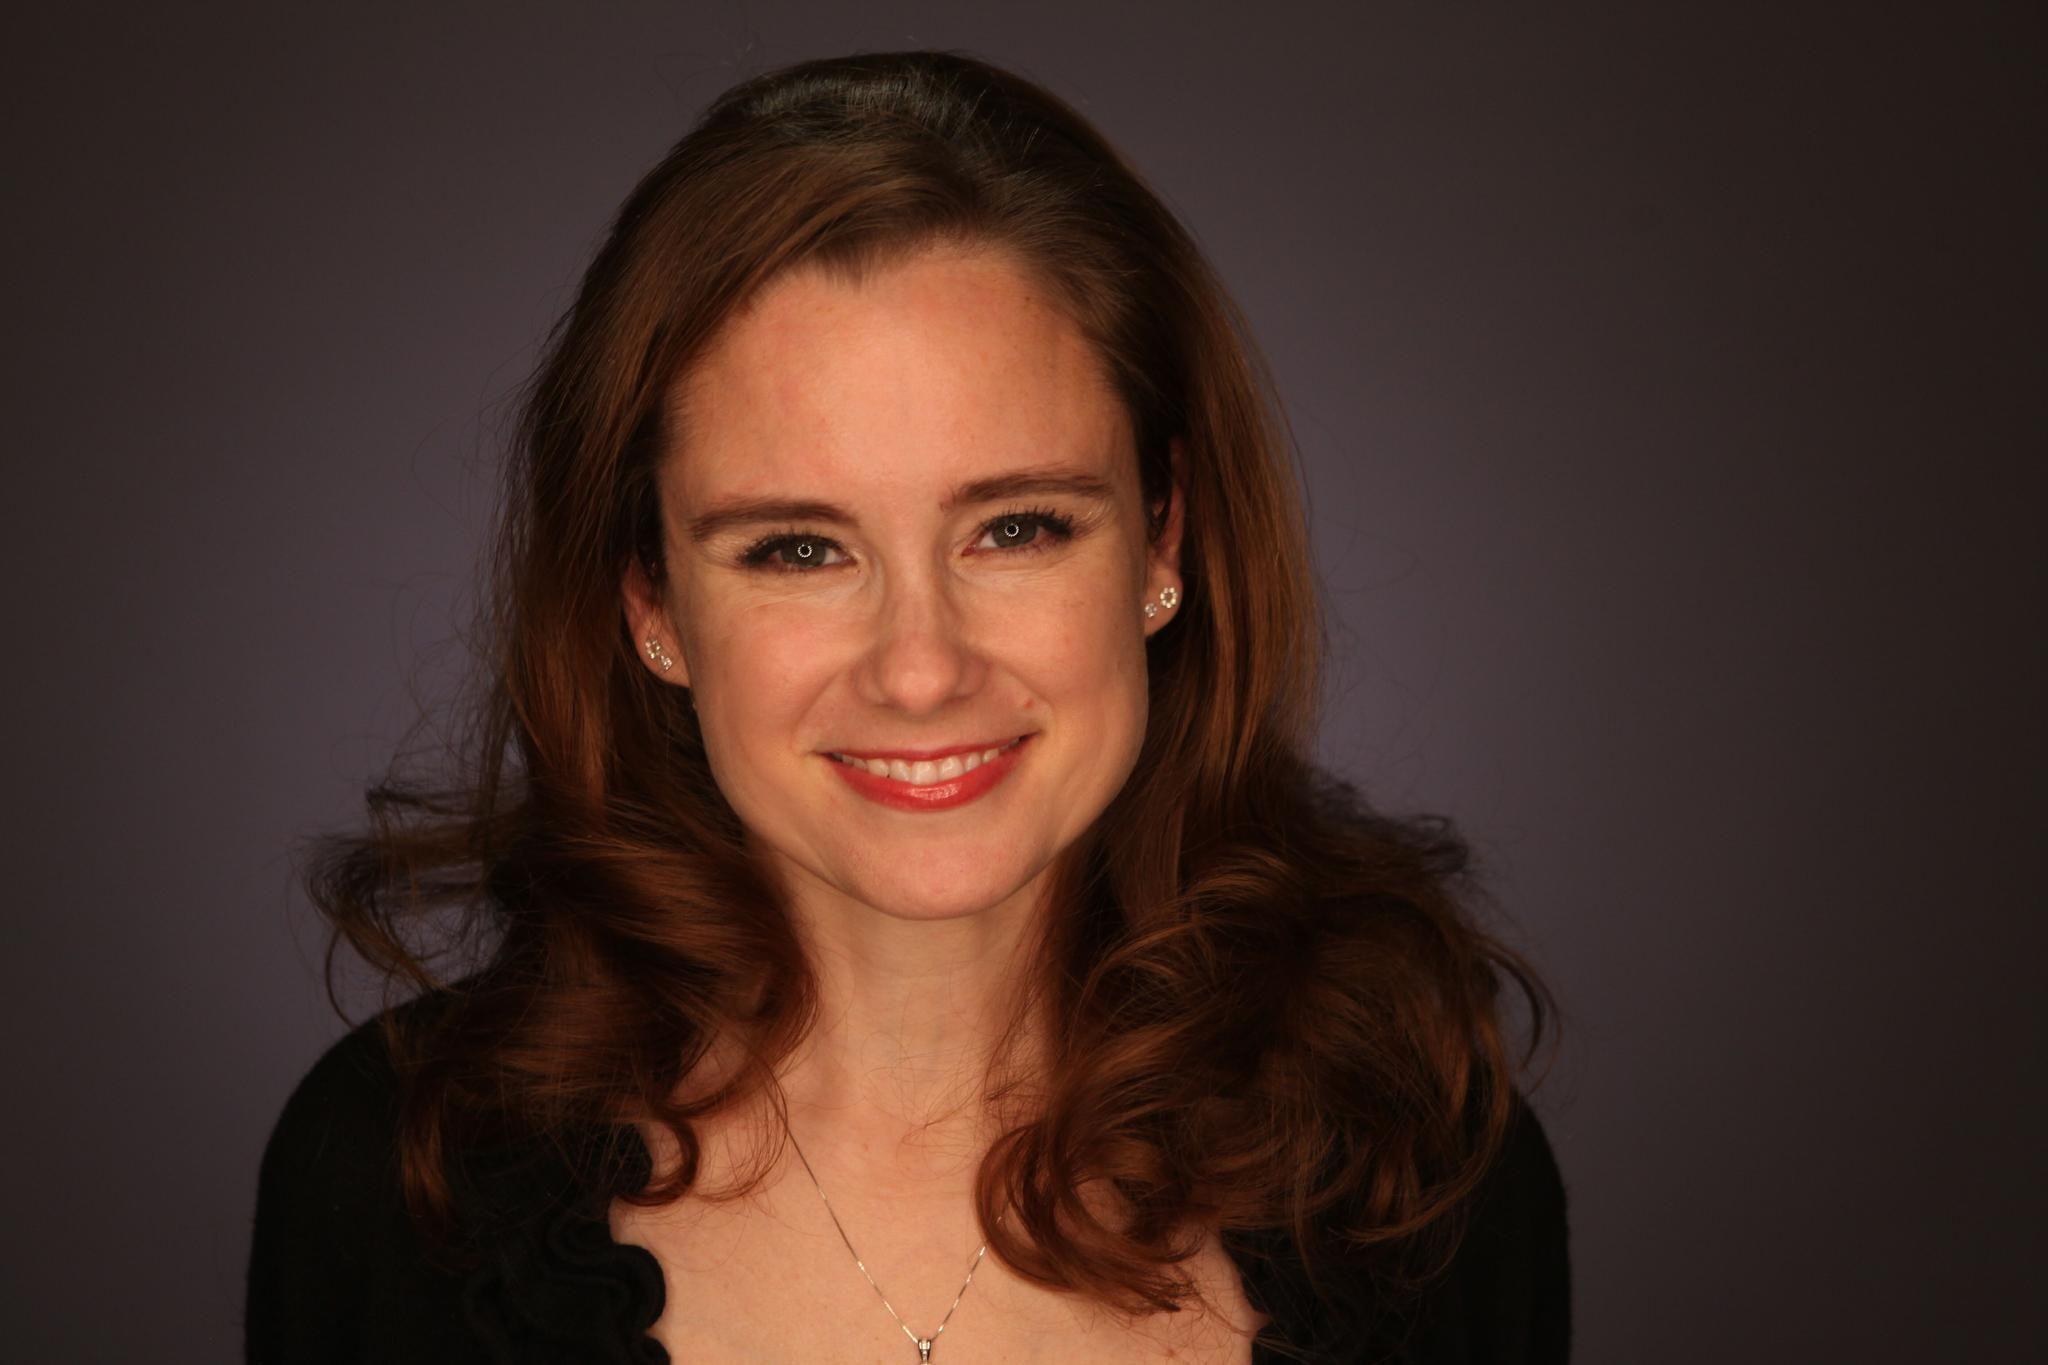 Jennifer Severns